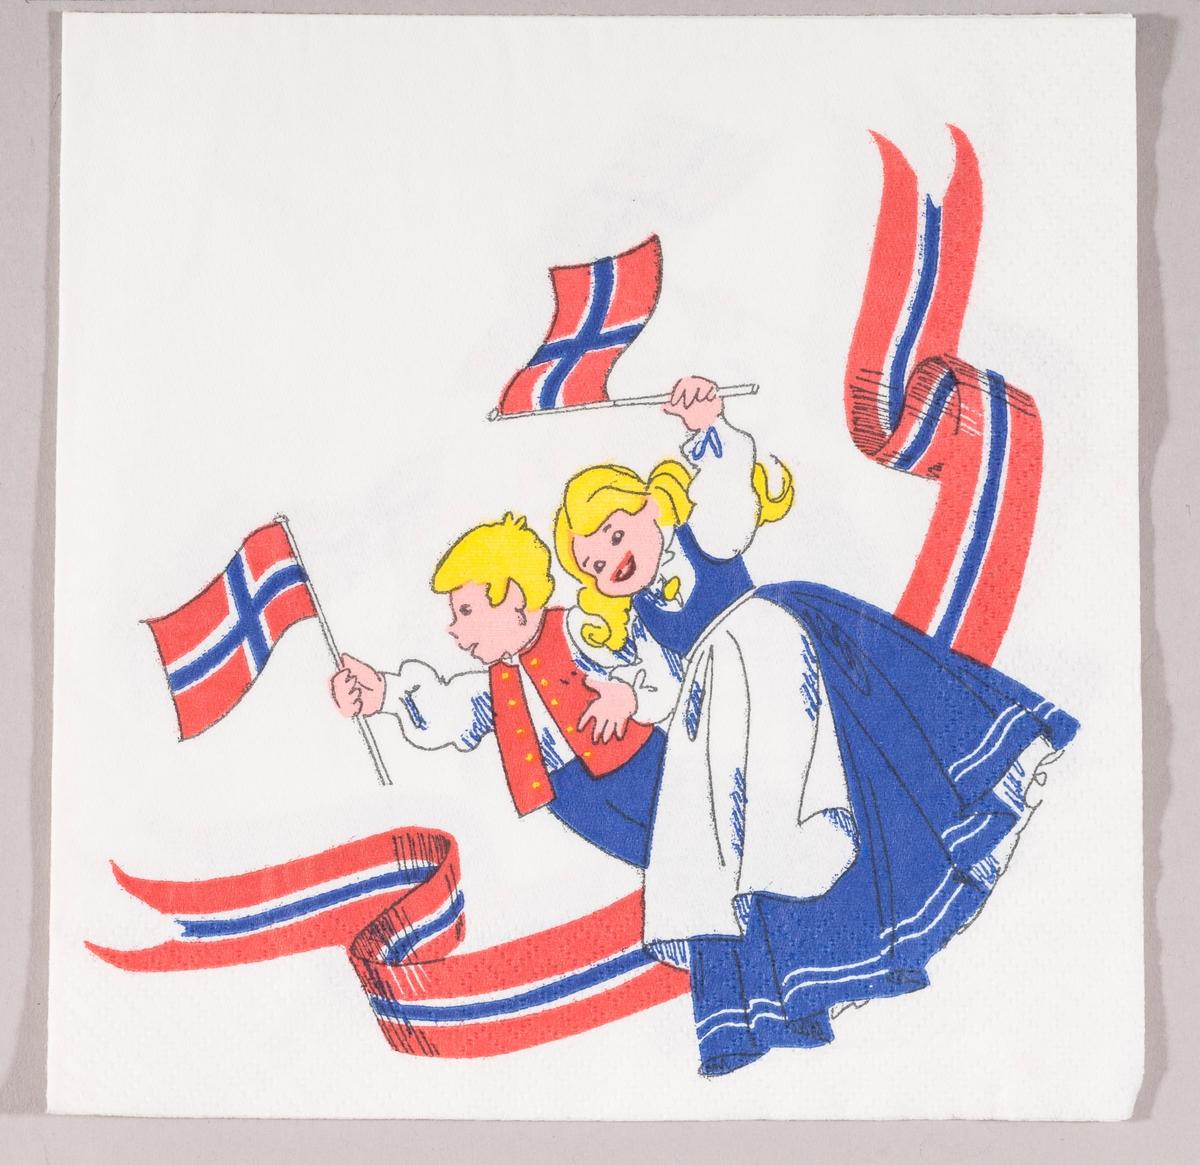 En gutt og en jente kledt i bunad vifter med norske flagg. Et bånd i rødt, hvitt og blått.